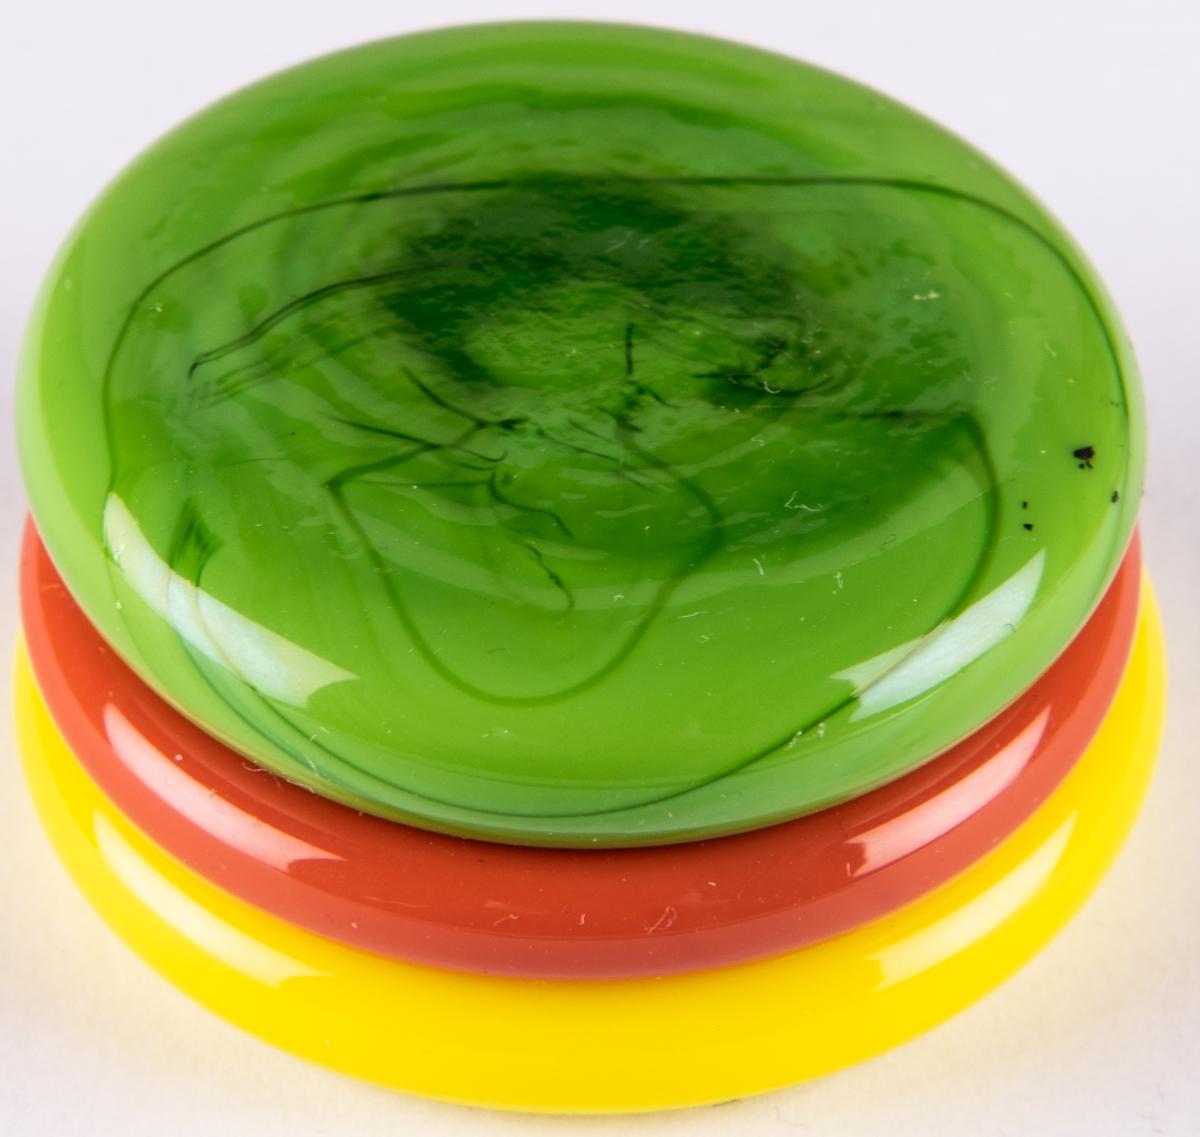 Skulptur, Småkaka, i kristall.Tre cirkelrunda ihopfästade plattor i gult, rostbrunt och grönt. Orrrefors glasbruk, design Gunnar Cyrén. Graverat på undersidan ORREFORS 654-68.